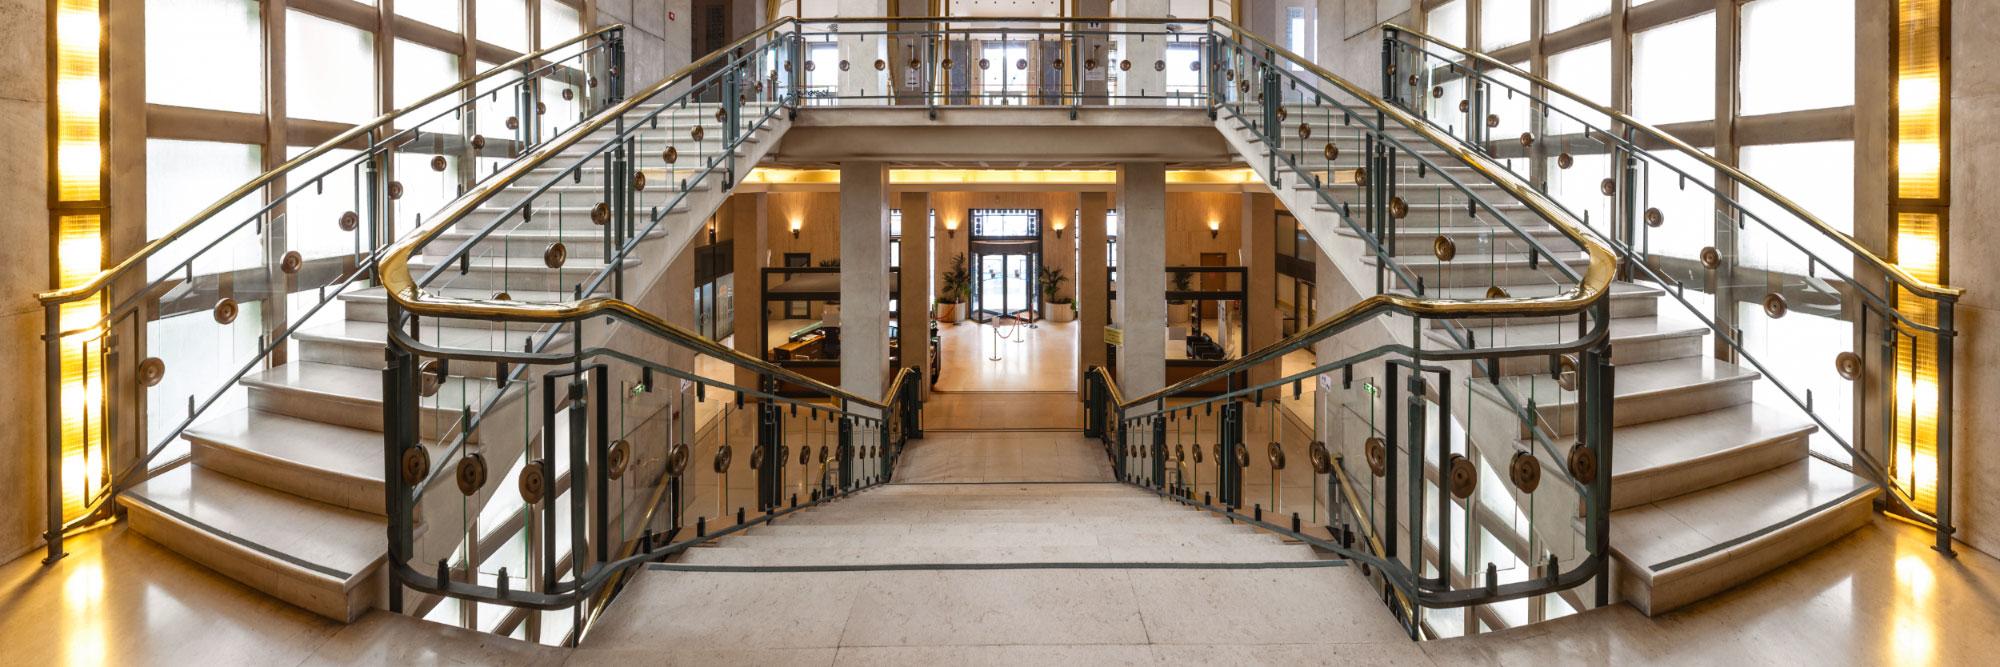 escalier de la cci, rouen, seine-maritime - herve sentucq photo